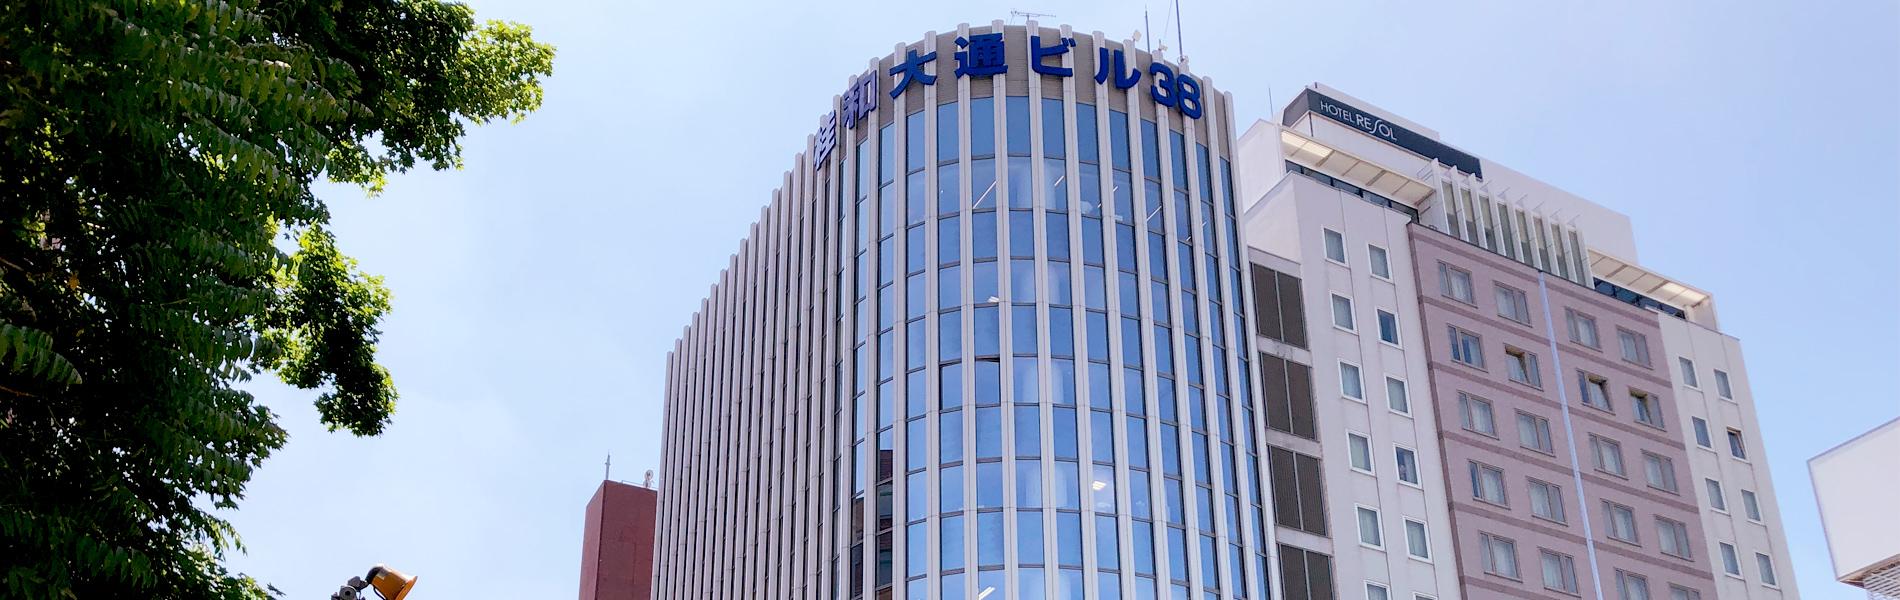 弁護士法人名南総合法律事務所 札幌事務所